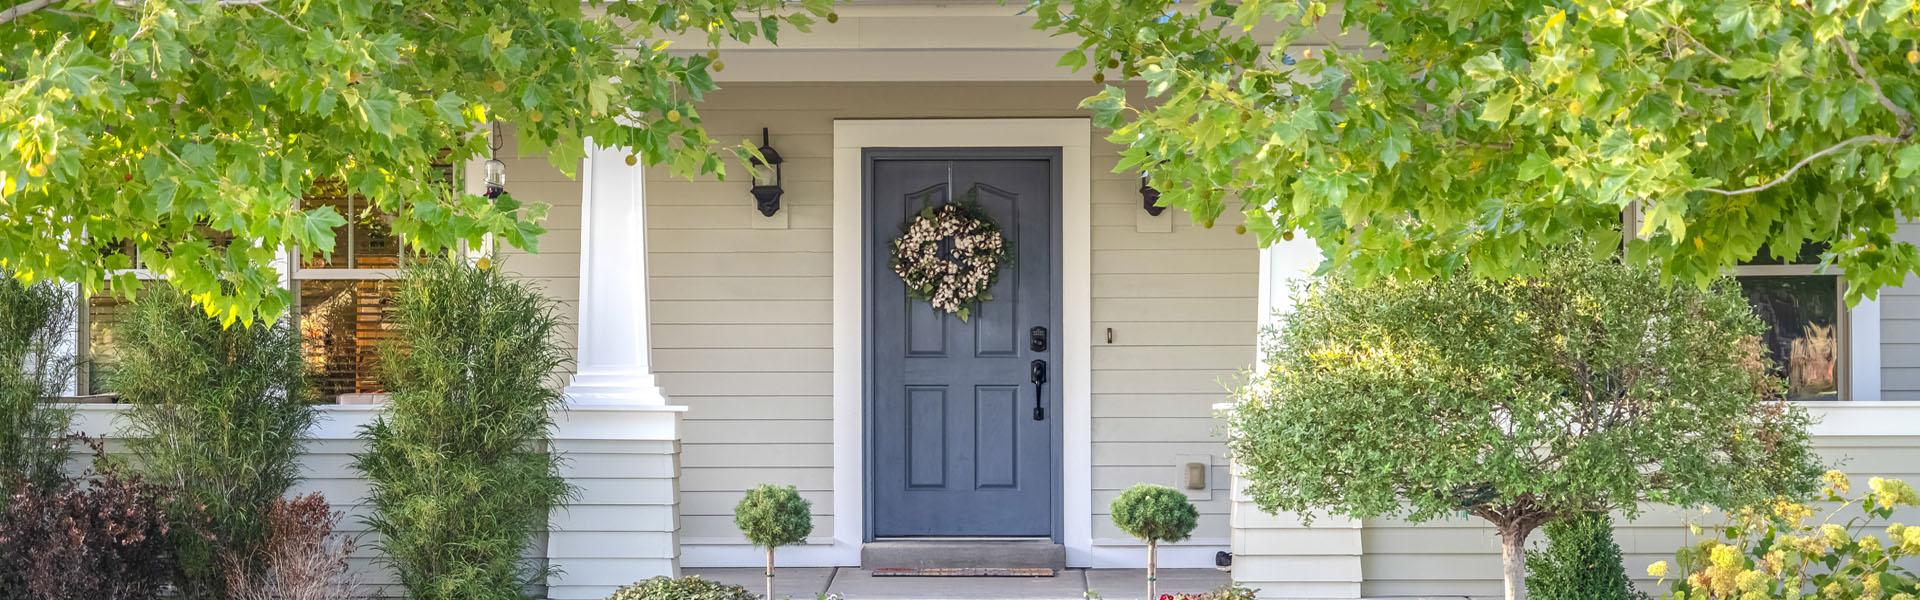 Hauseingang mit blauer Türe und Vorgarten